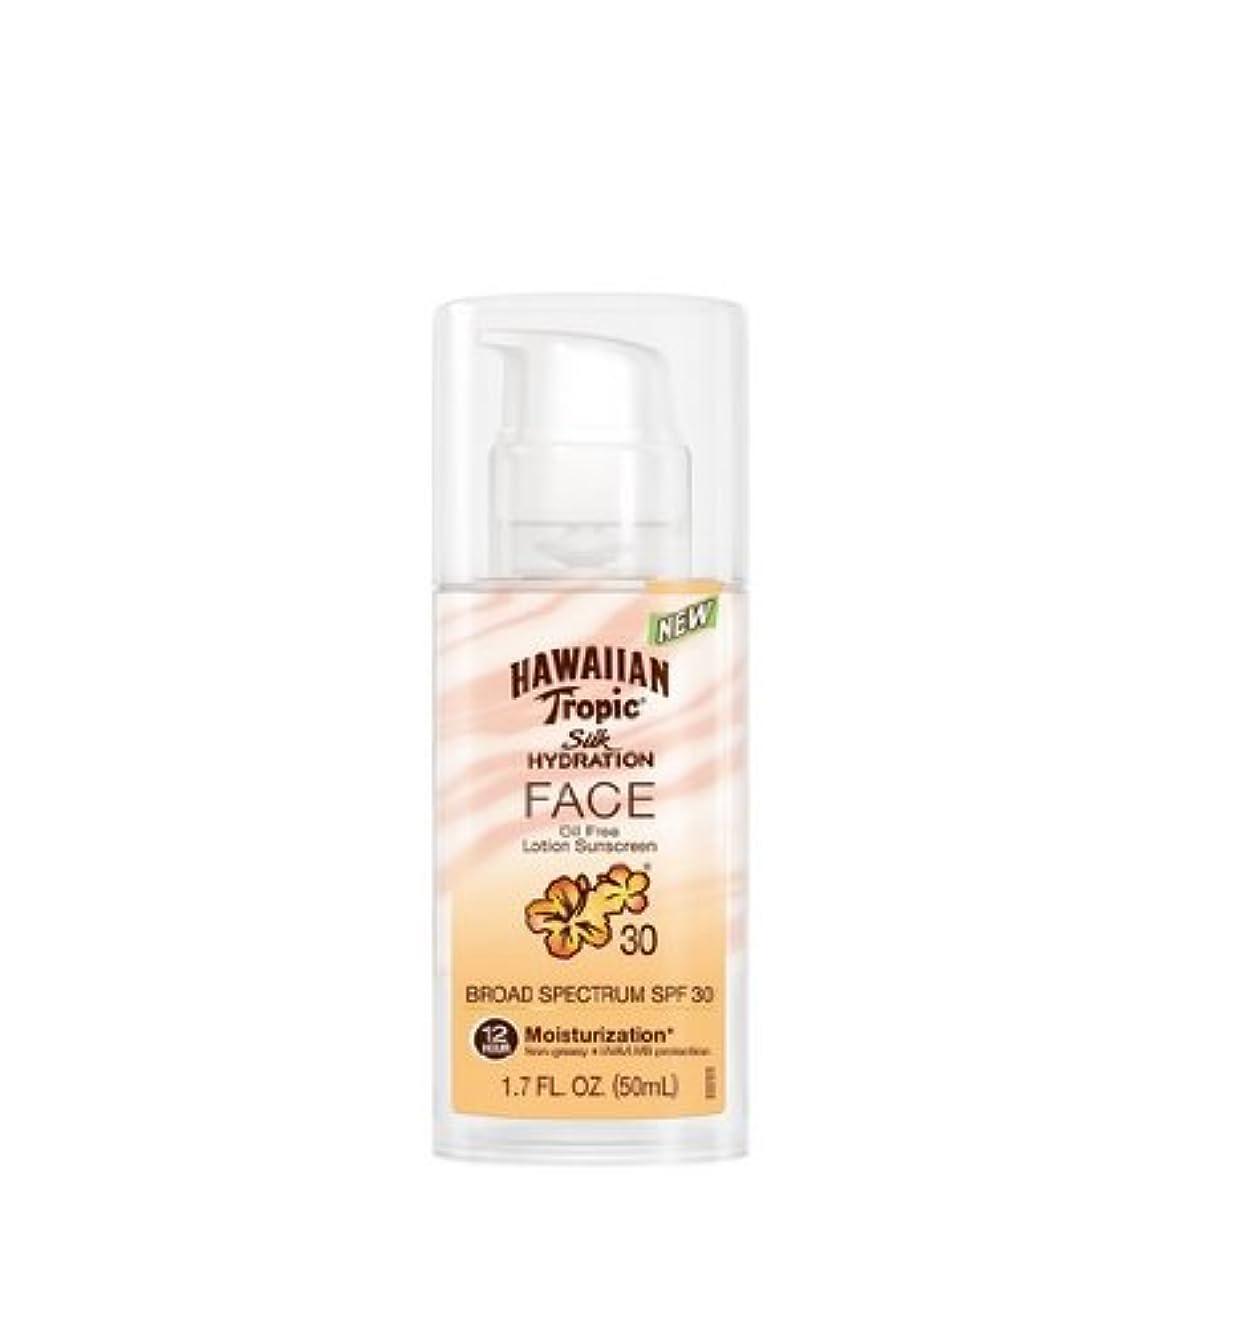 嵐の任意多分【お顔専用日焼け止め】ハワイアントロピック Hawaiian Tropic Silk Hydration Face Lotion 【12時間持続】 SPF 30, 1.7 Ounce  ハワイ直送品